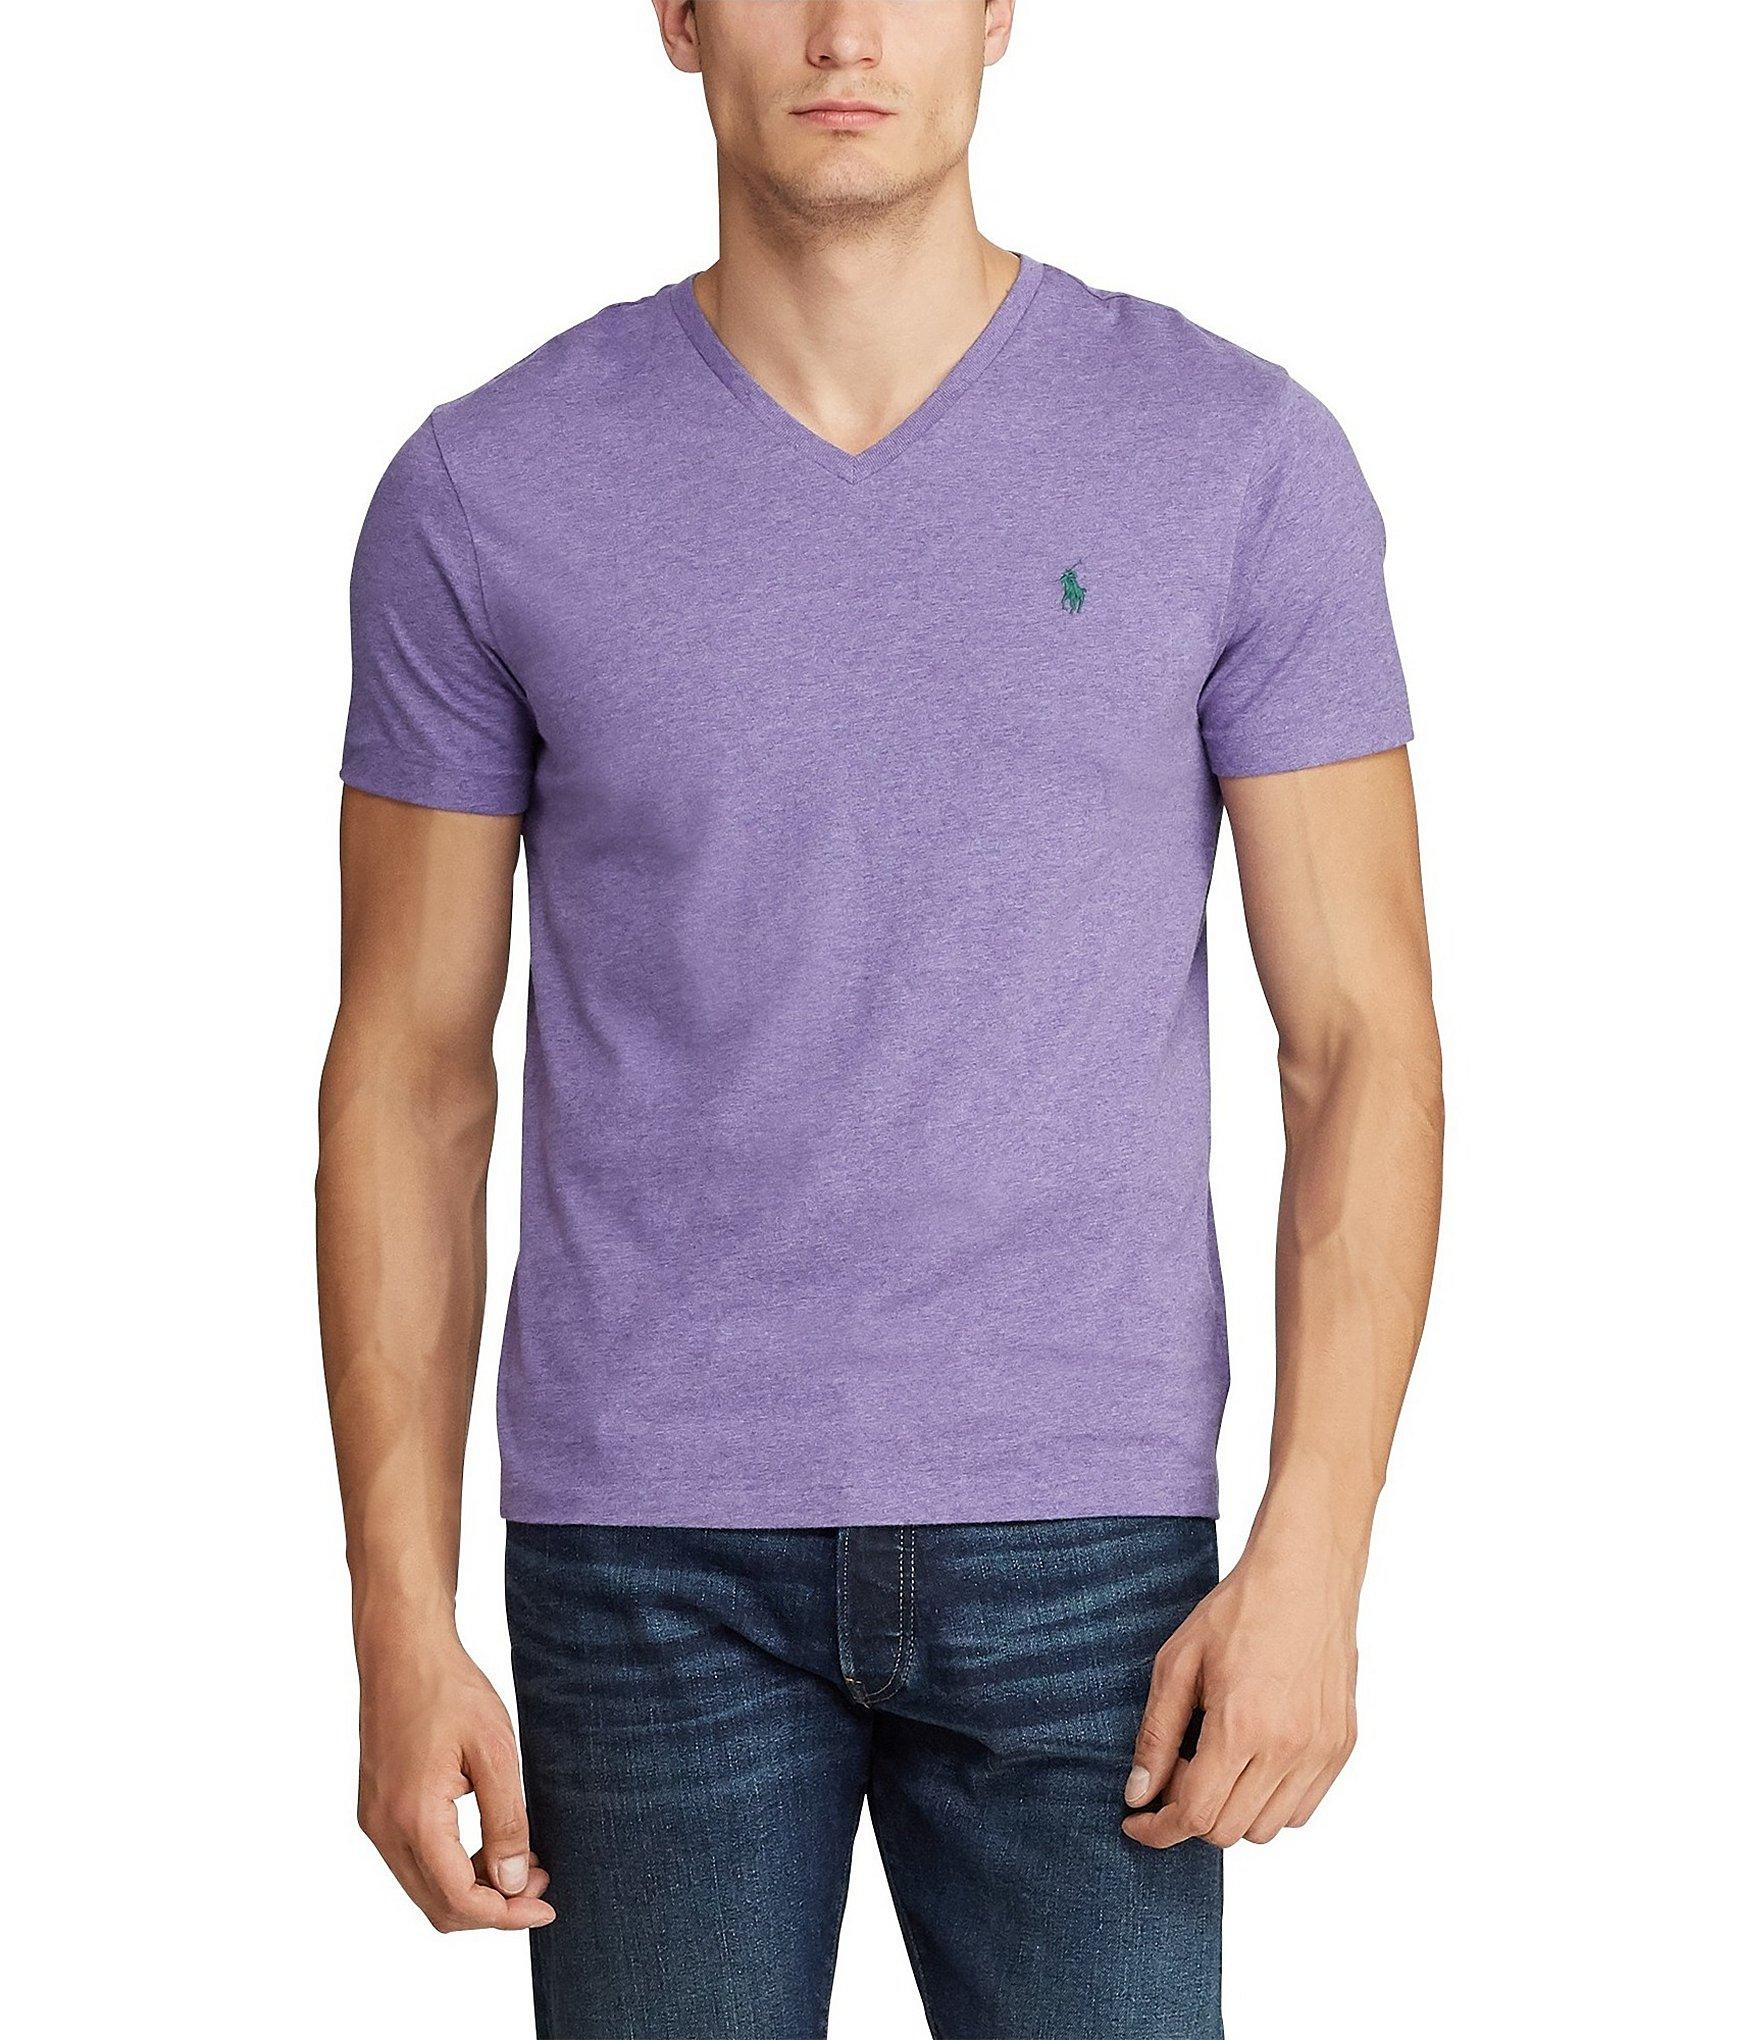 1e131a54 Polo Ralph Lauren Classic-Fit Short-Sleeved Cotton Jersey V-Neck Tee |  Dillard's